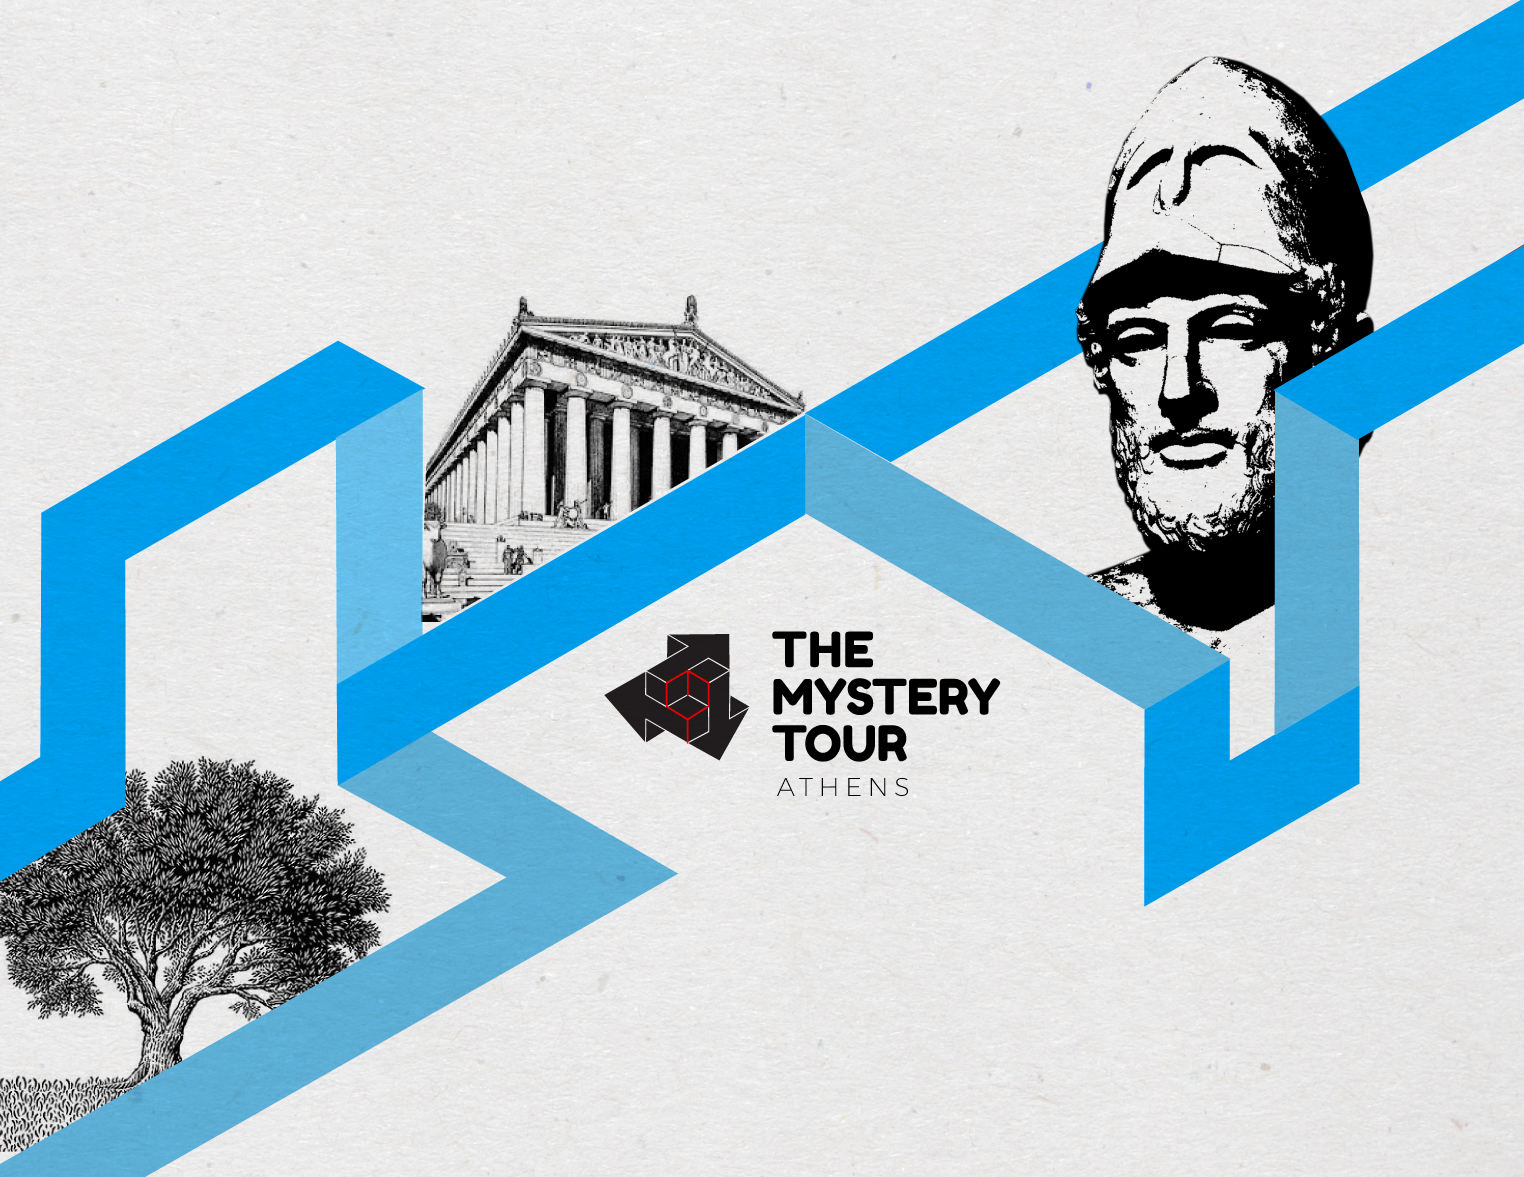 Athens Mystery Tour